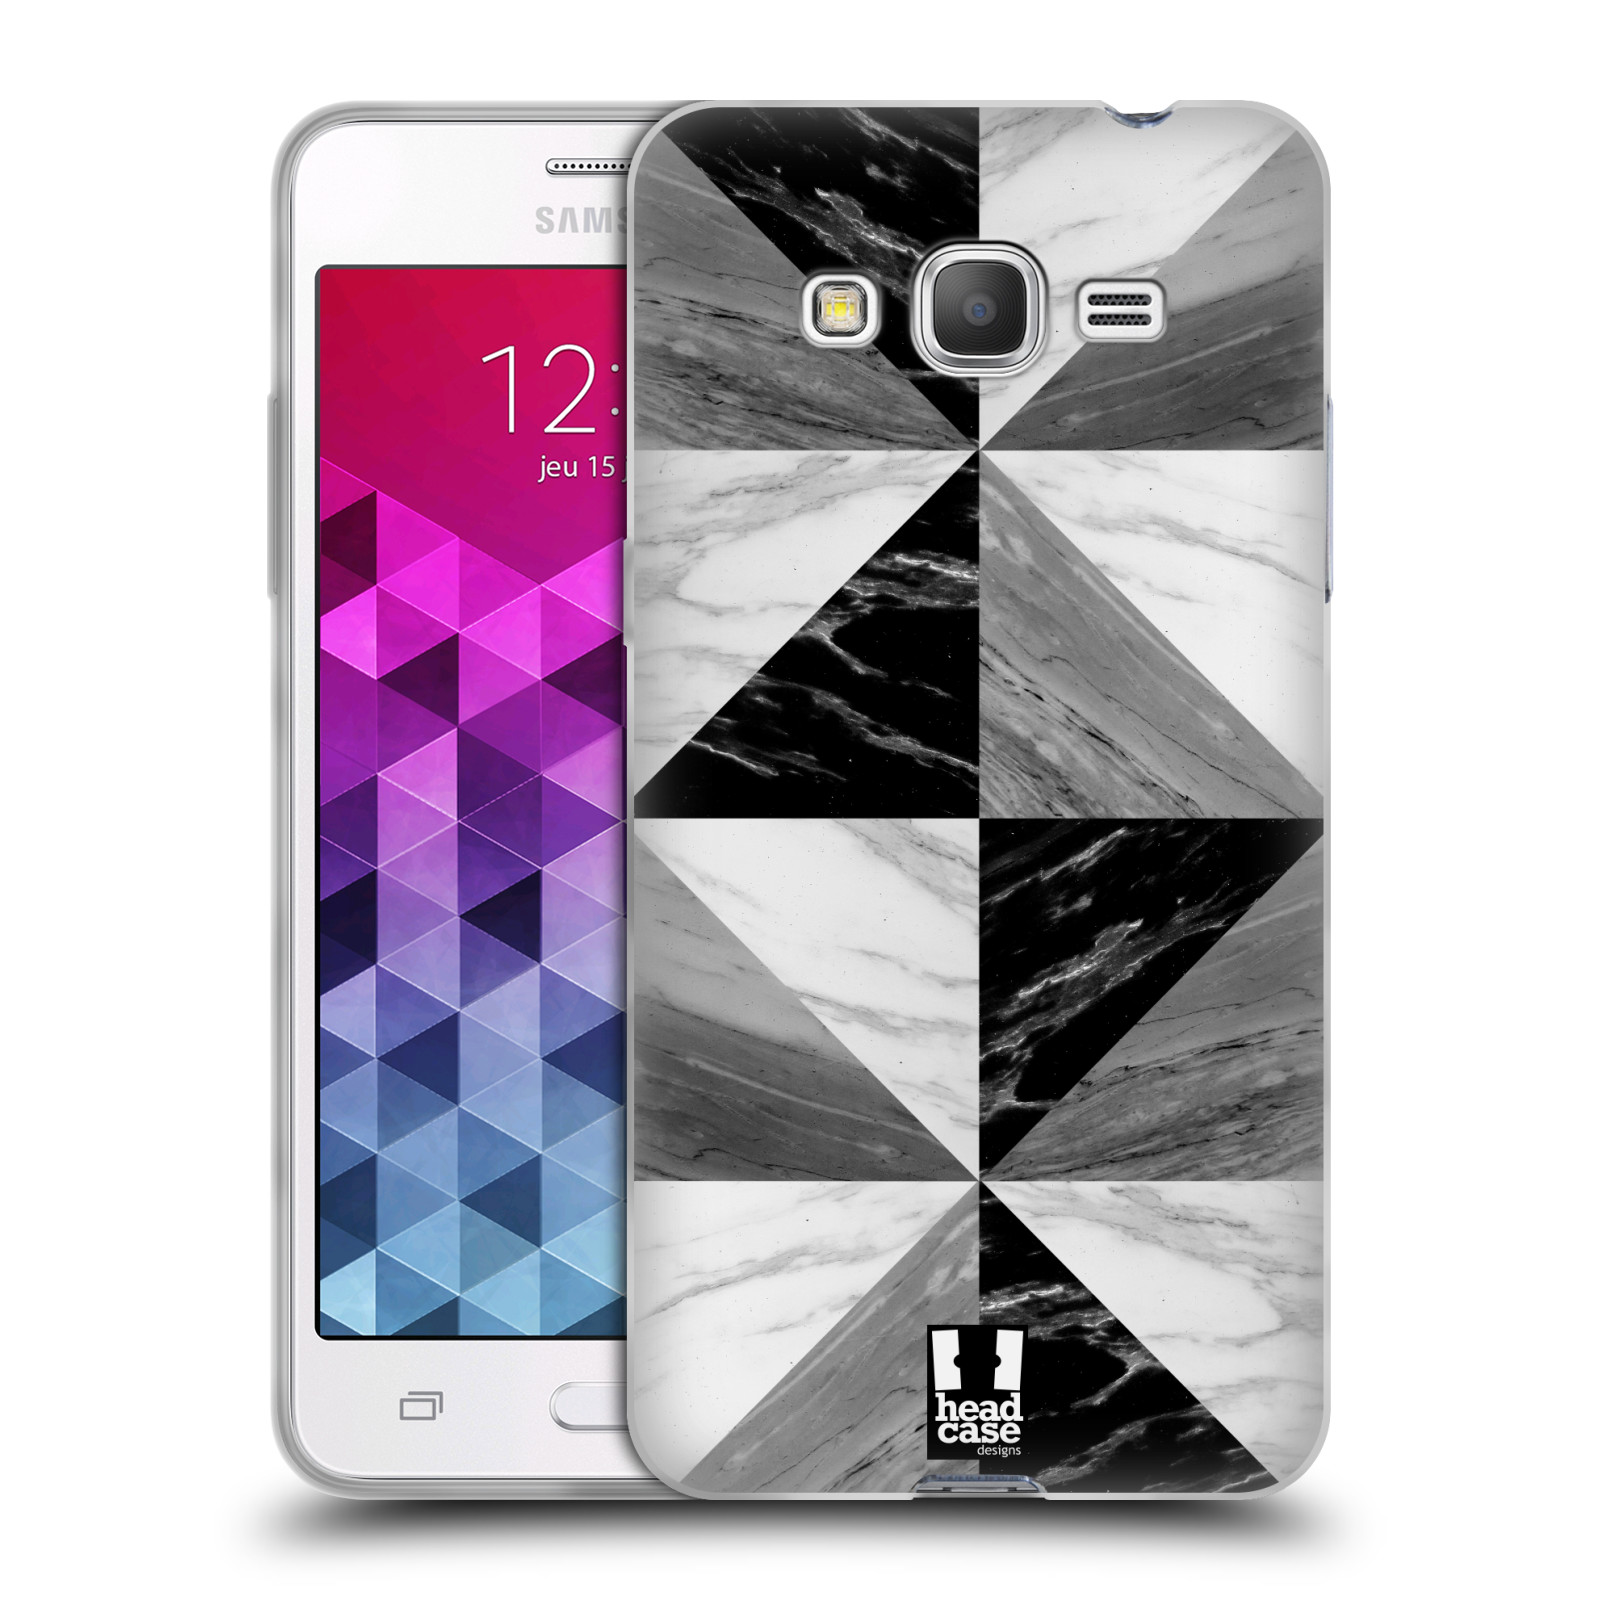 Silikonové pouzdro na mobil Samsung Galaxy Grand Prime - Head Case - Mramor triangl